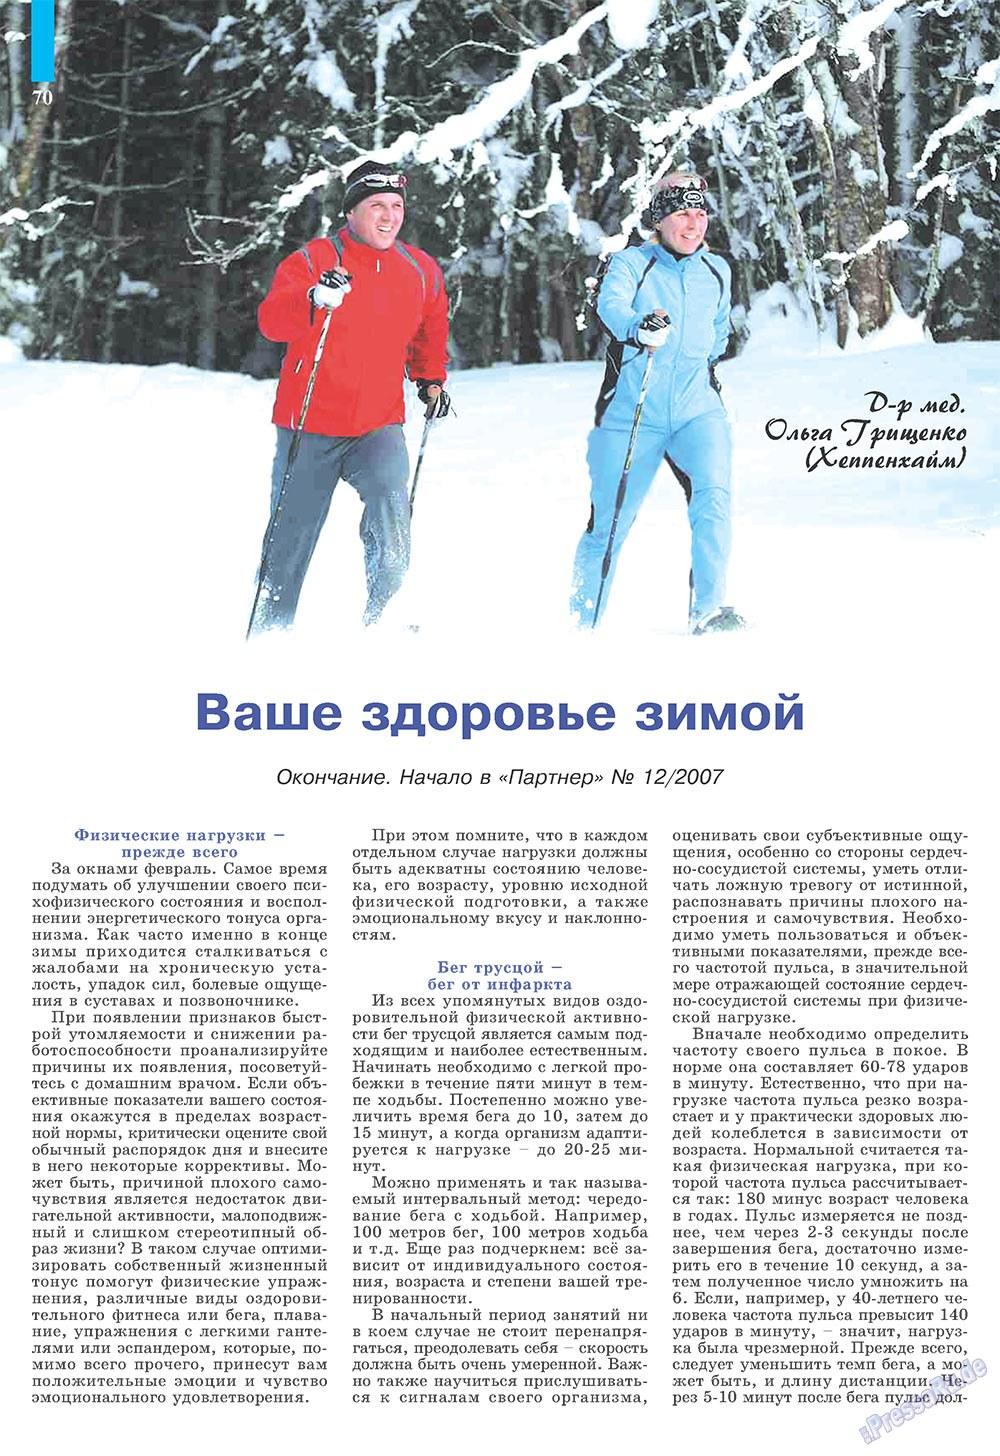 Партнер (журнал). 2008 год, номер 2, стр. 70